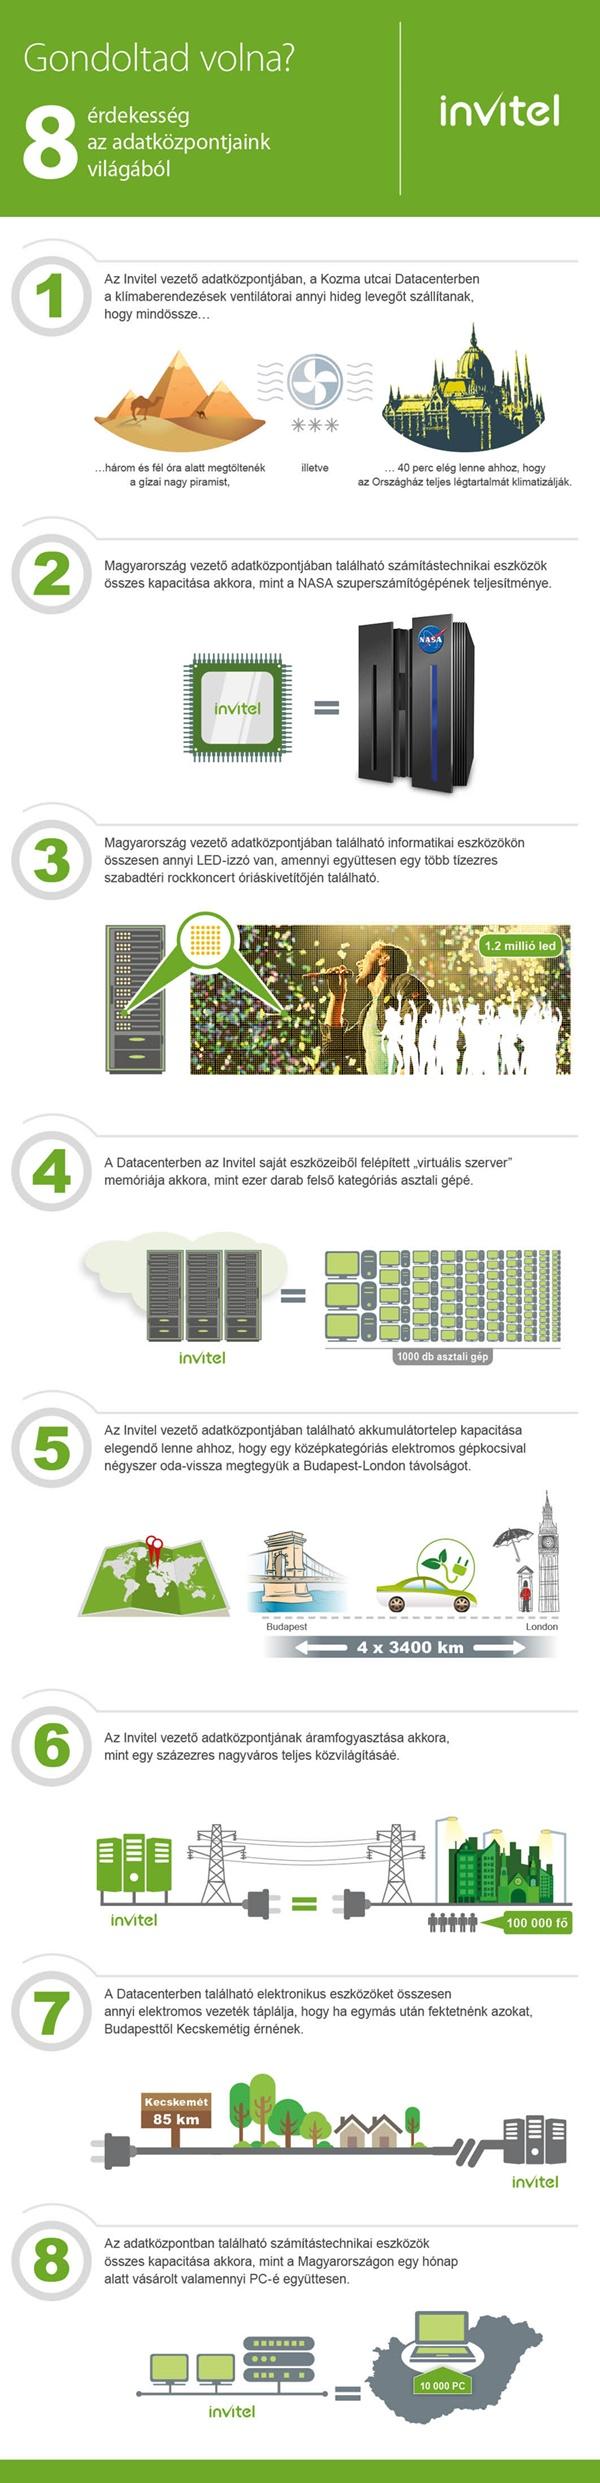 Invitel_adatkozpont_infografika